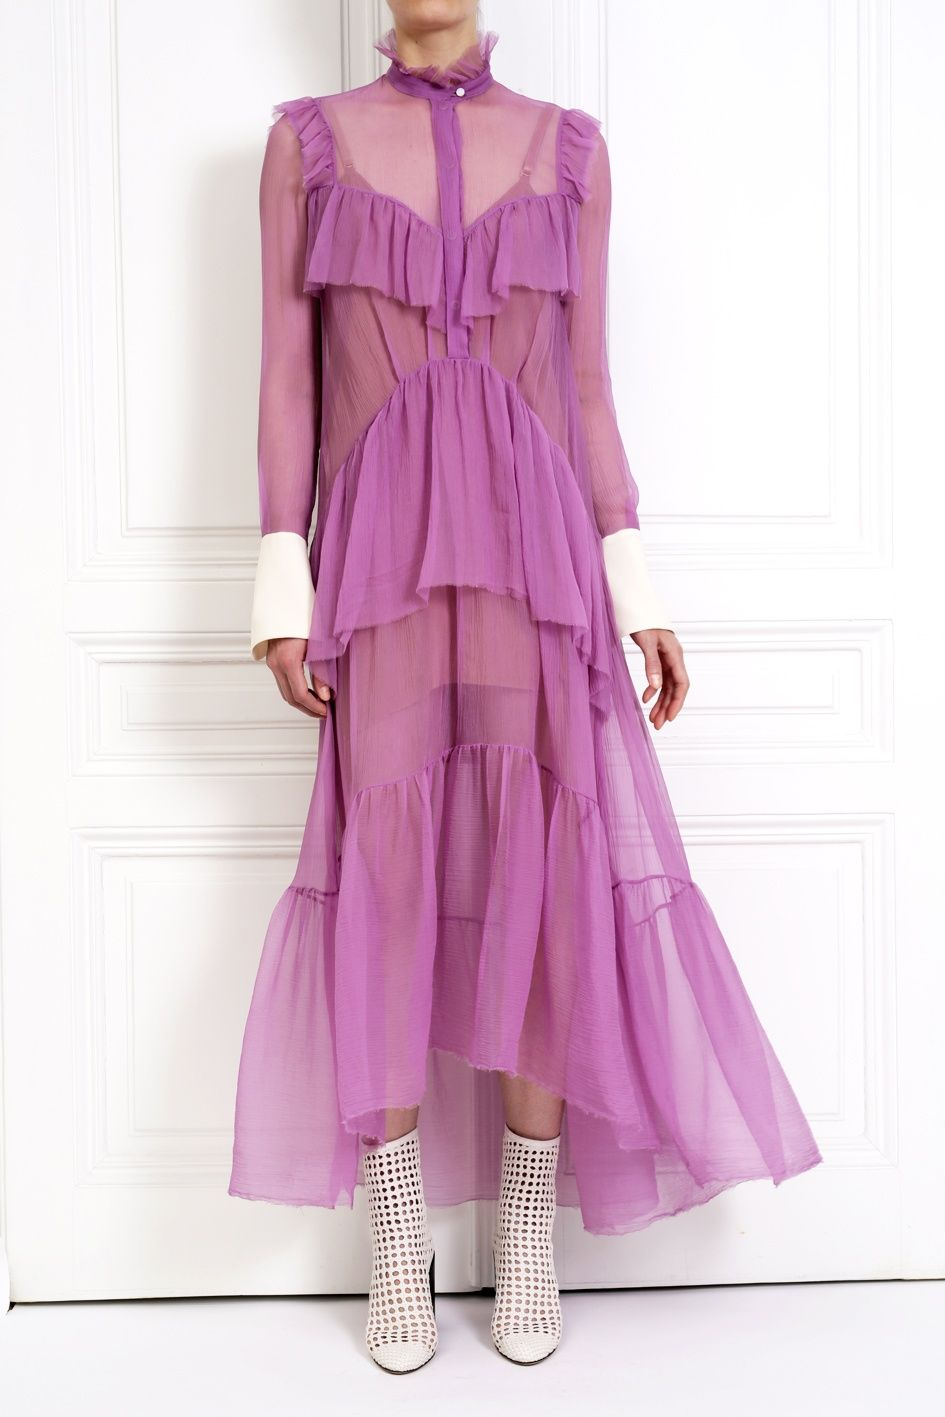 DRESSES - Long dresses Petar Petrov 281brAx0JU